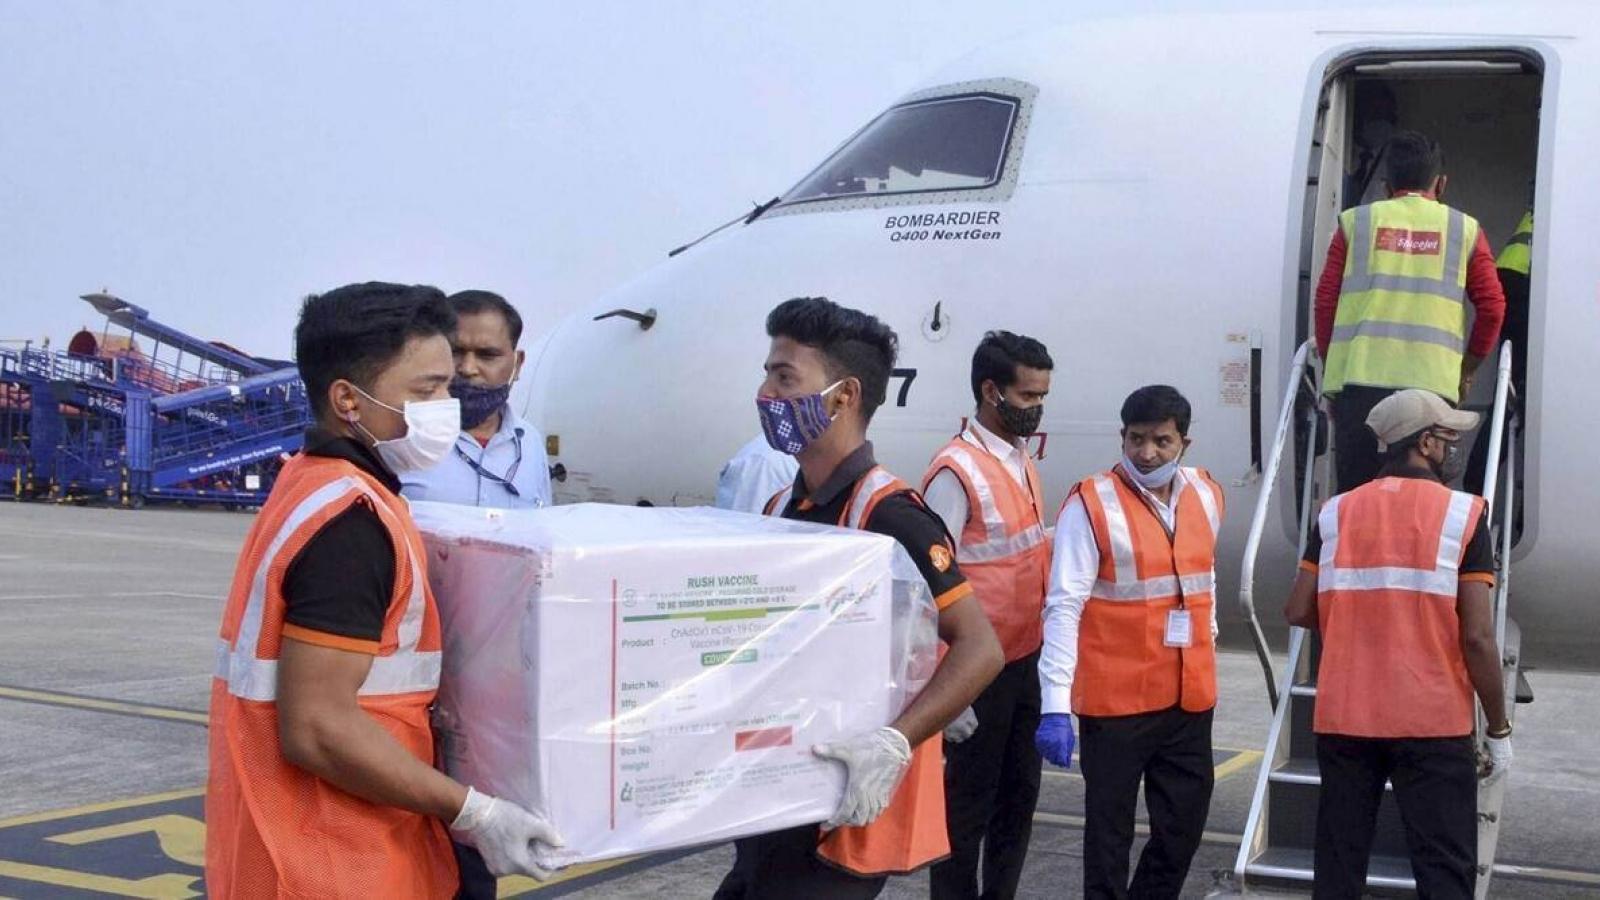 """Sau """"ngoại giao vaccine"""", Ấn Độ và Trung Quốc đối mặt với sức ép trong nước"""